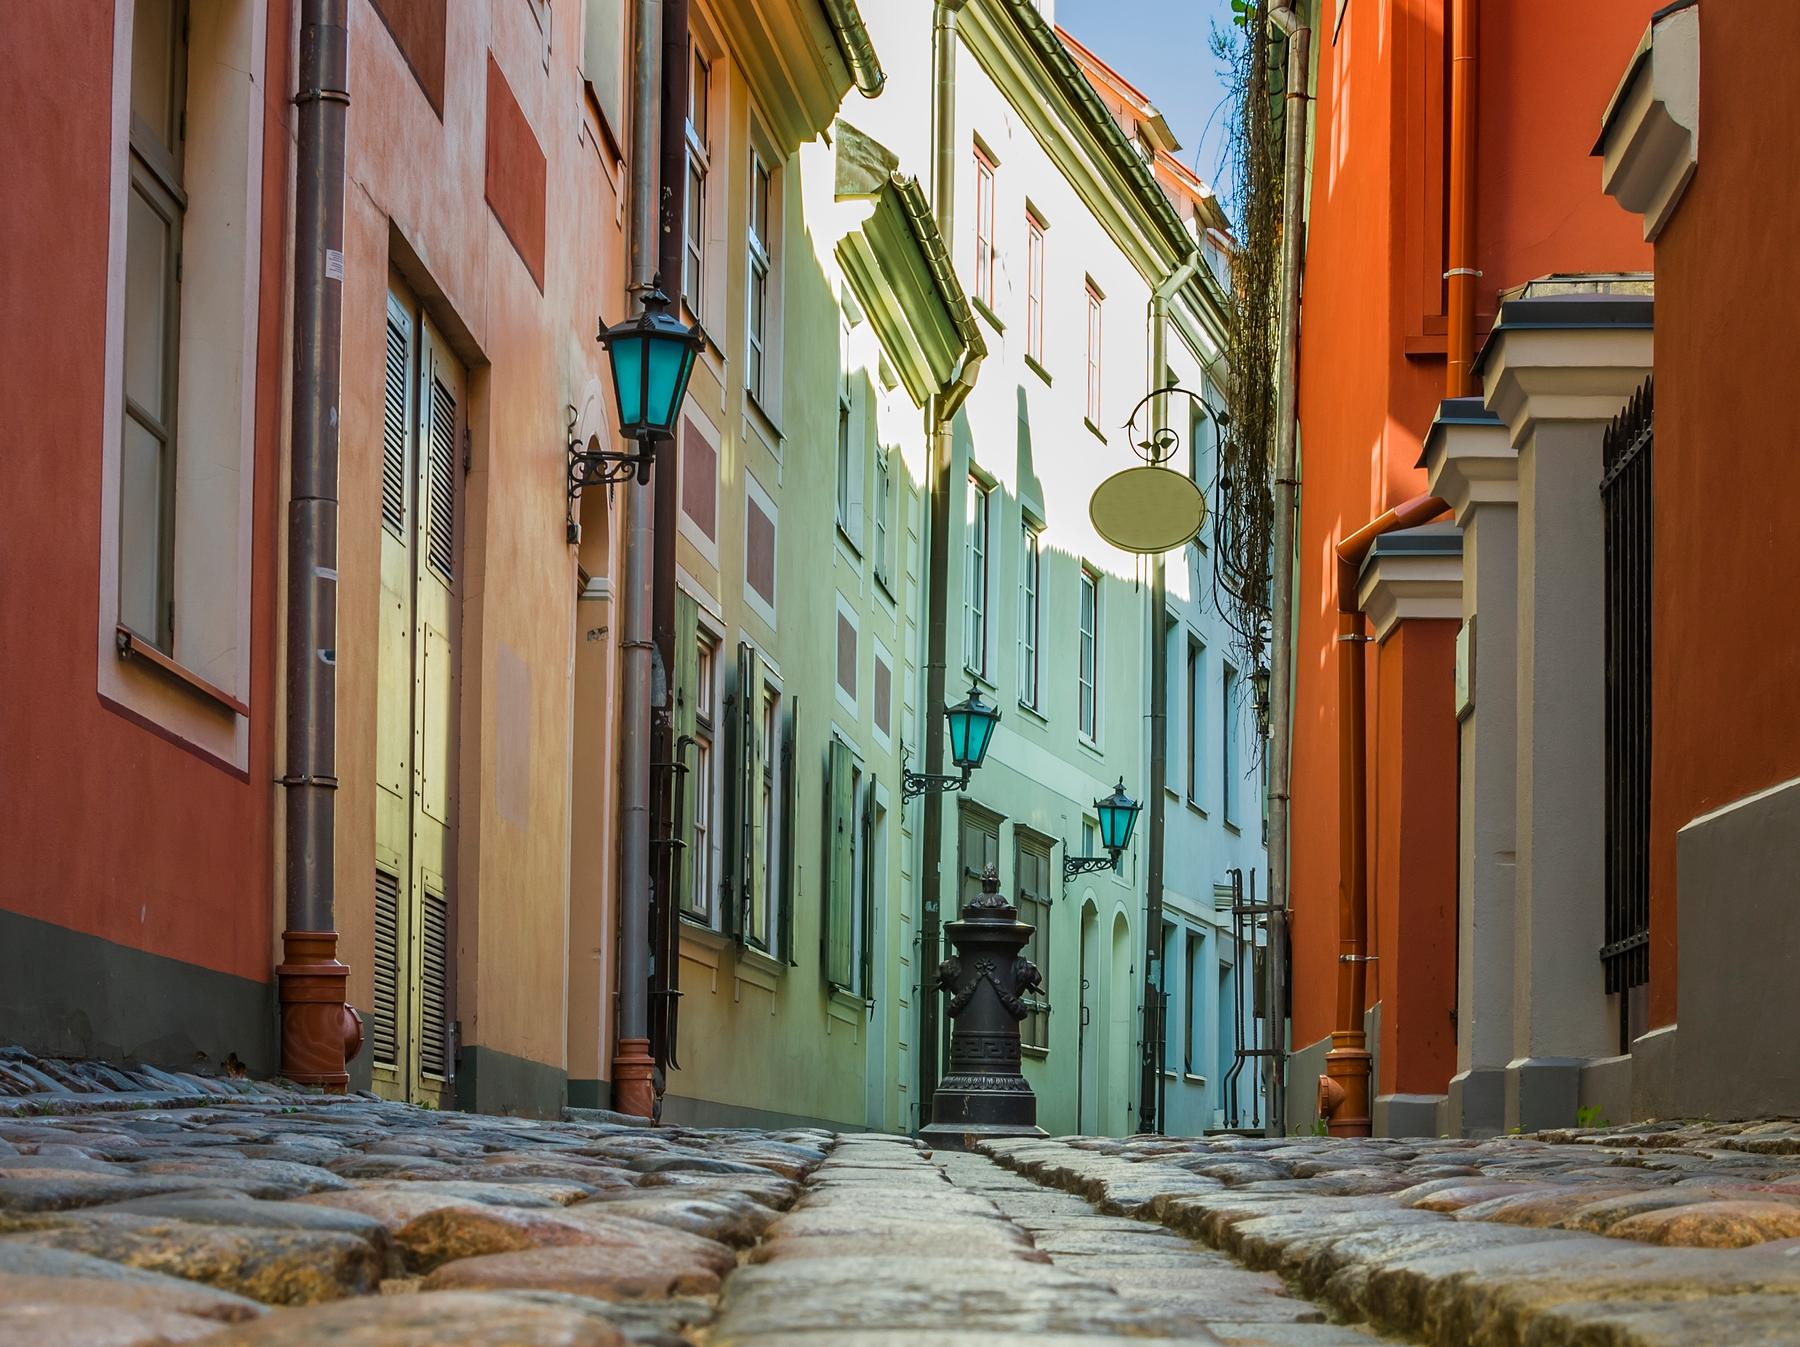 Vacaciones baratas: 17 destinos económicos: Riga